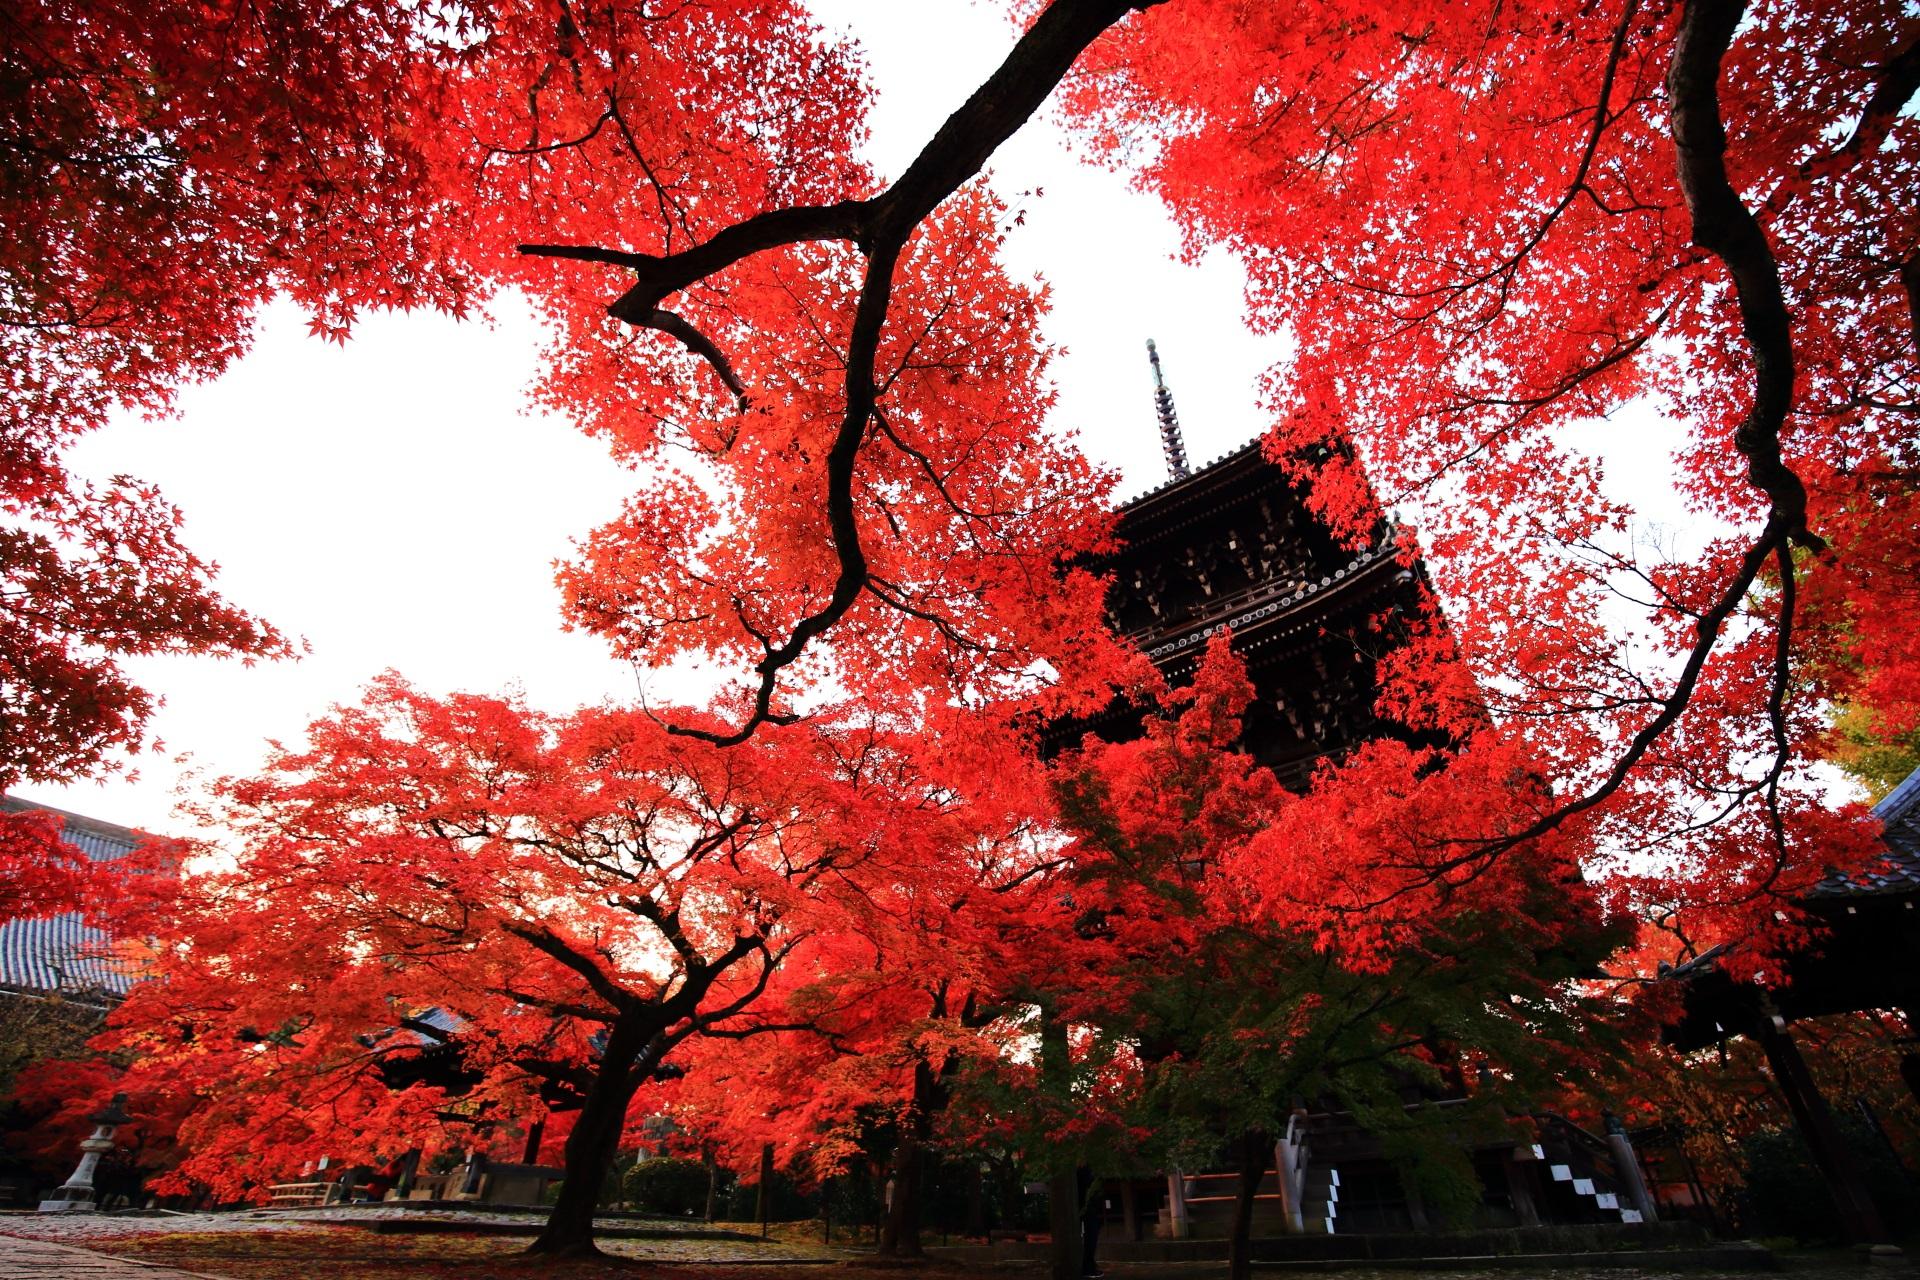 真如堂の素晴らしい紅葉と秋の情景に感謝